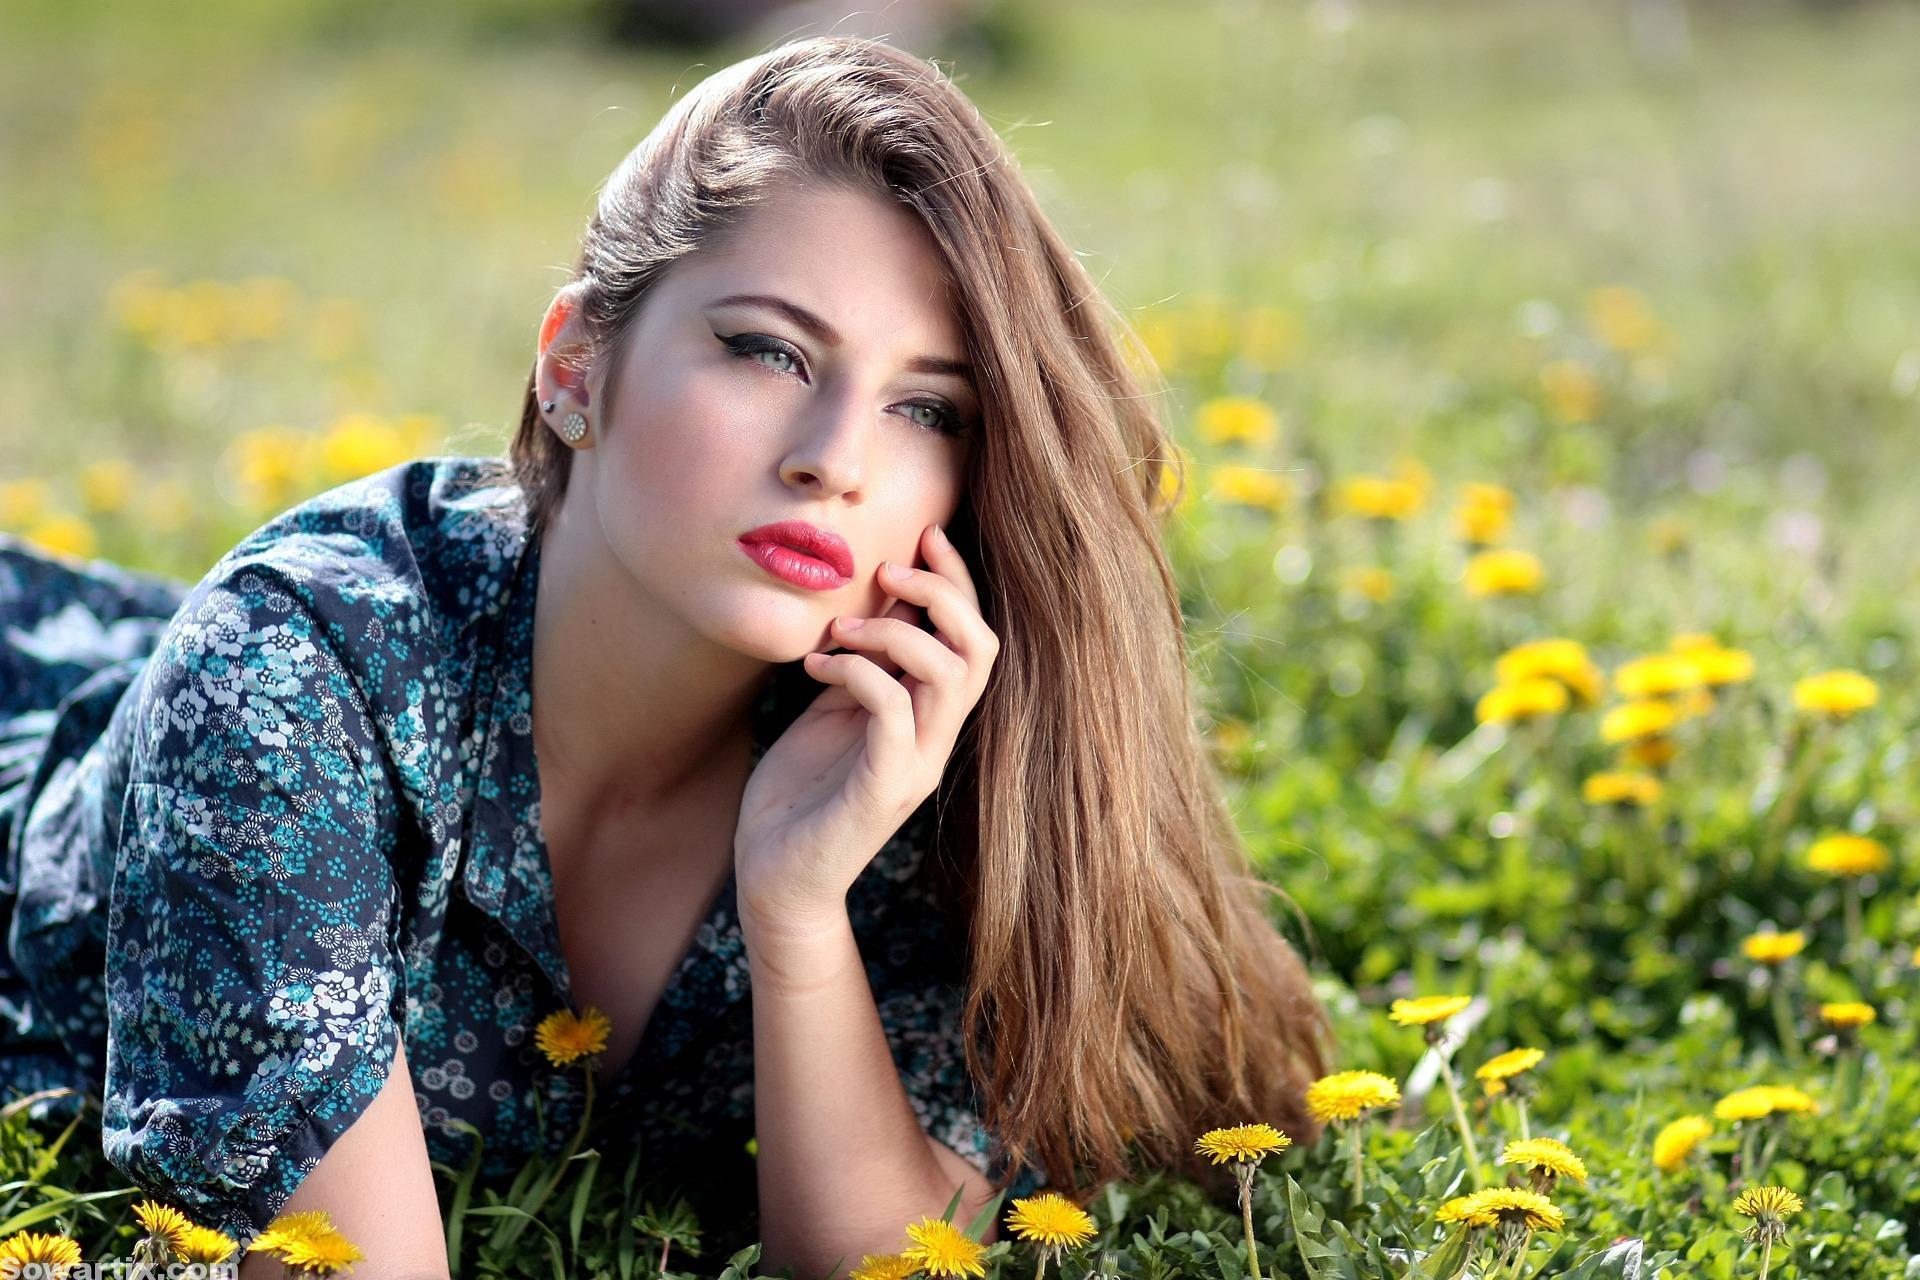 بالصور صور بنات جميله جدا , بنات رقيقه و ساحره 6092 5